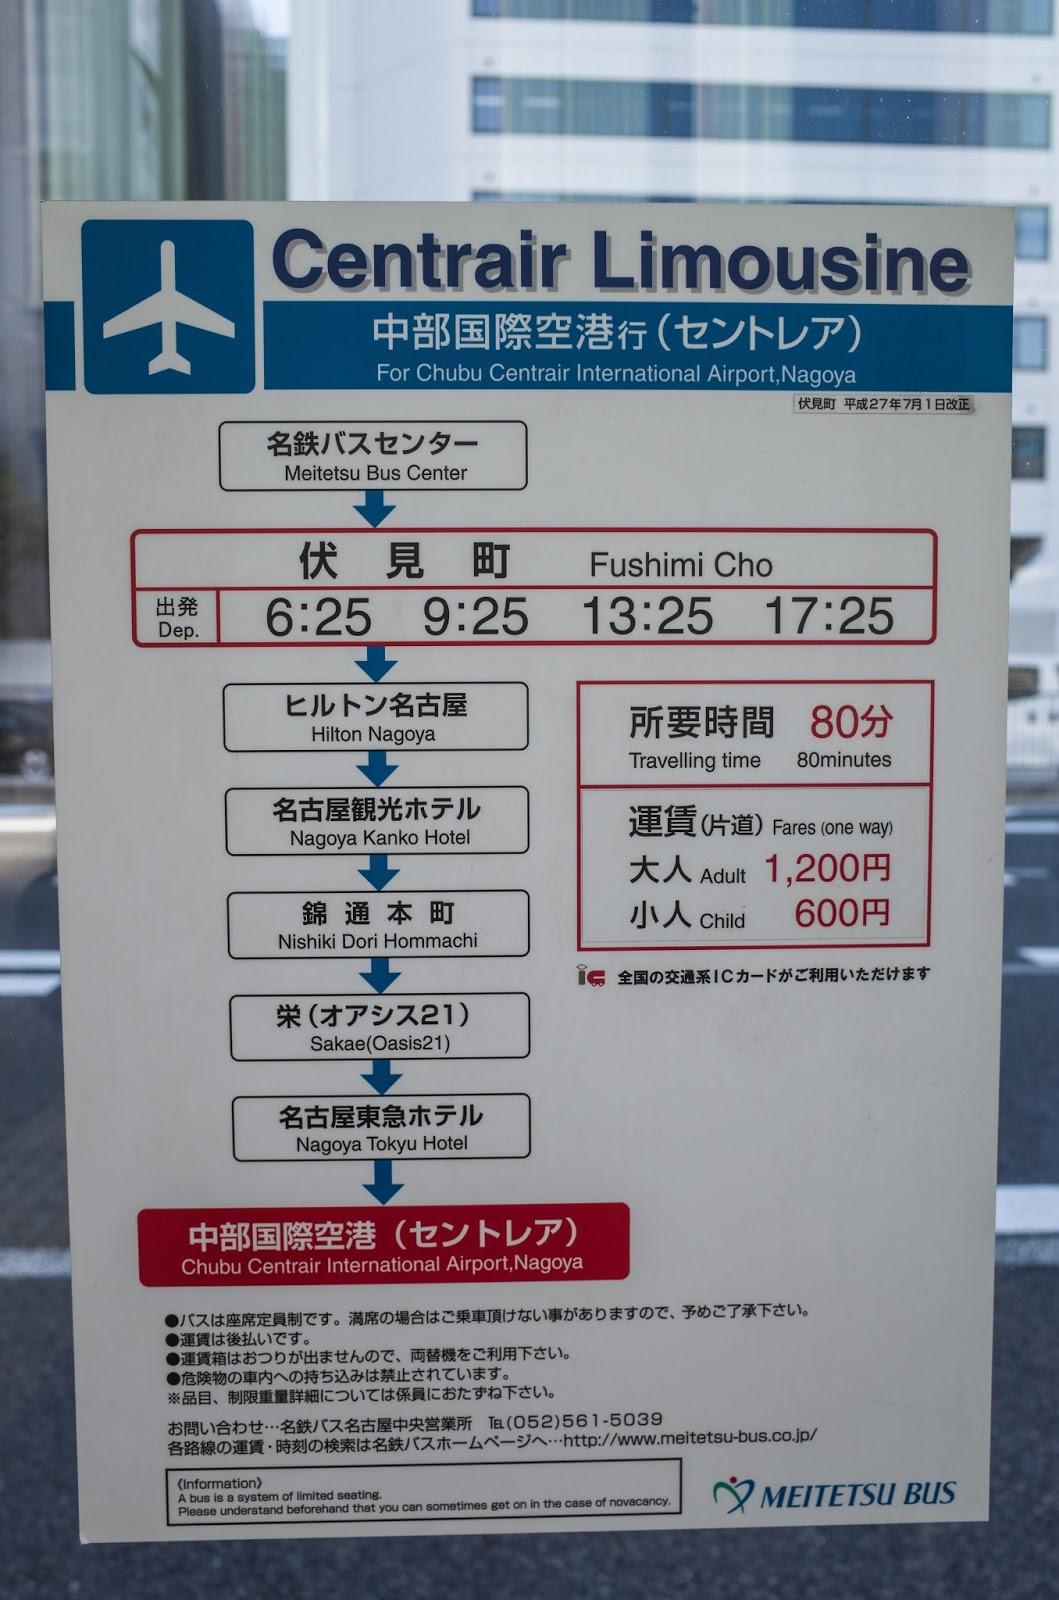 E&M的世界遊記: 日本中部遊記 2016(名古屋購物美食篇)